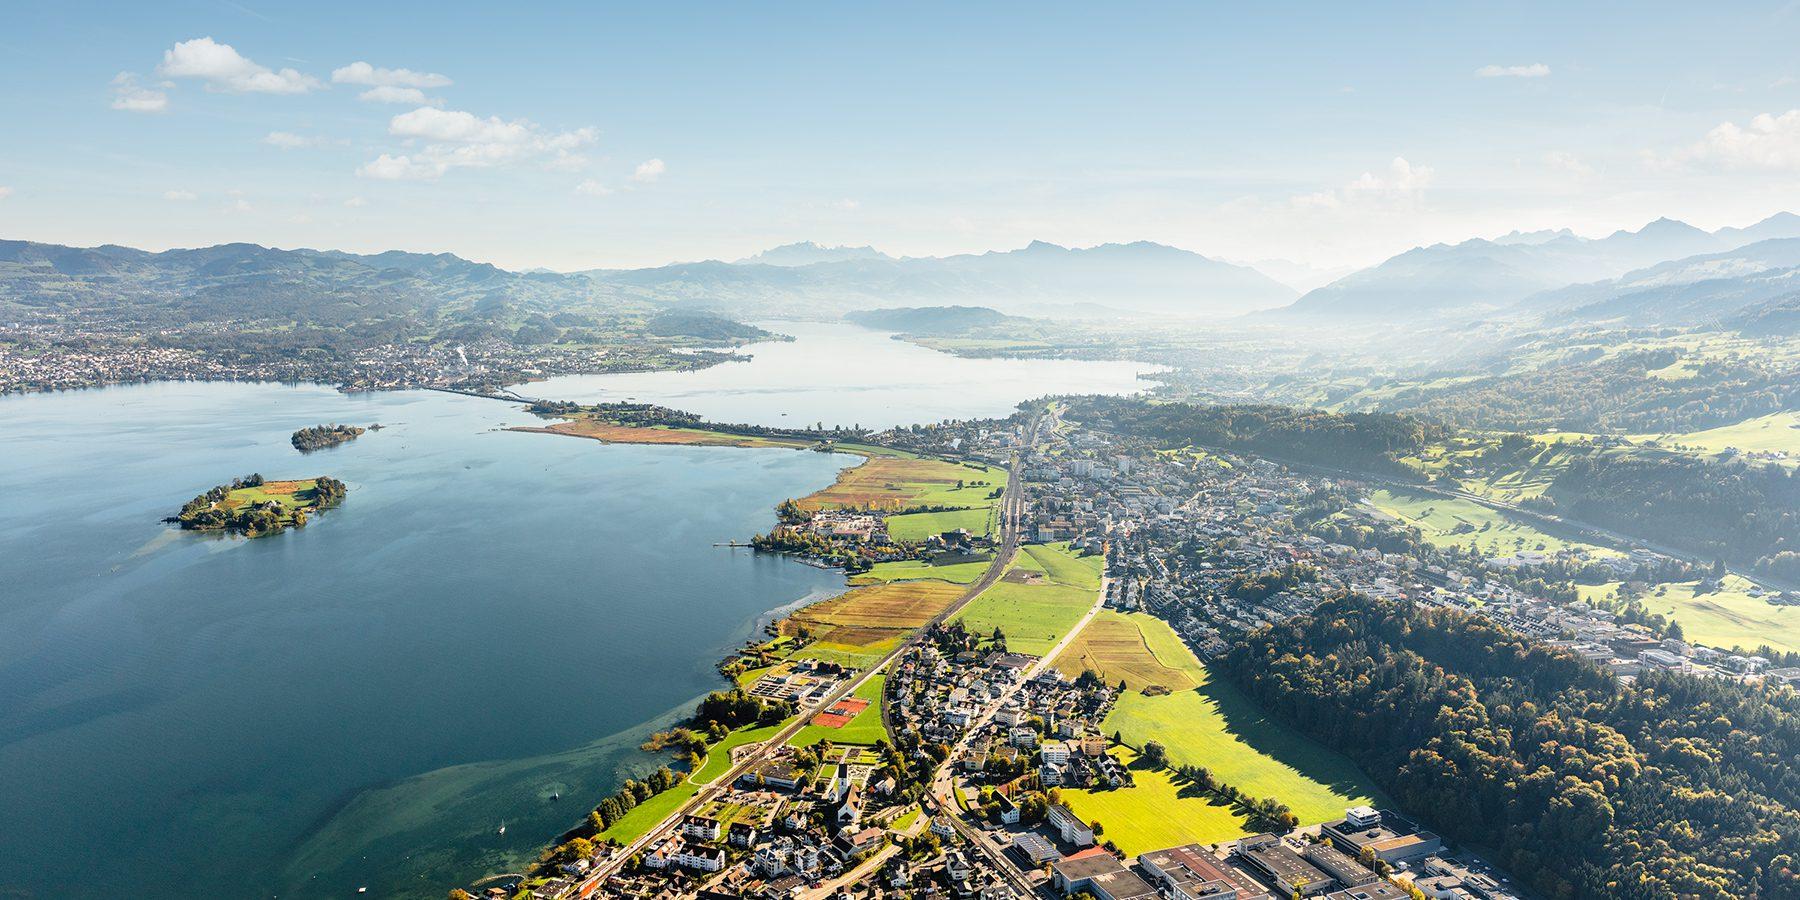 Luftaufnahme mit Helikopter hoch über Wilen bei Wollerau mit Blick auf den Zürichsee, Obersee, Ufenau, Lützelau, Pfäffikon, Hurden, Damm, Rapperswil, Jona, Altendorf, Lachen, Linthebene, Speer, Federispitz, Säntis